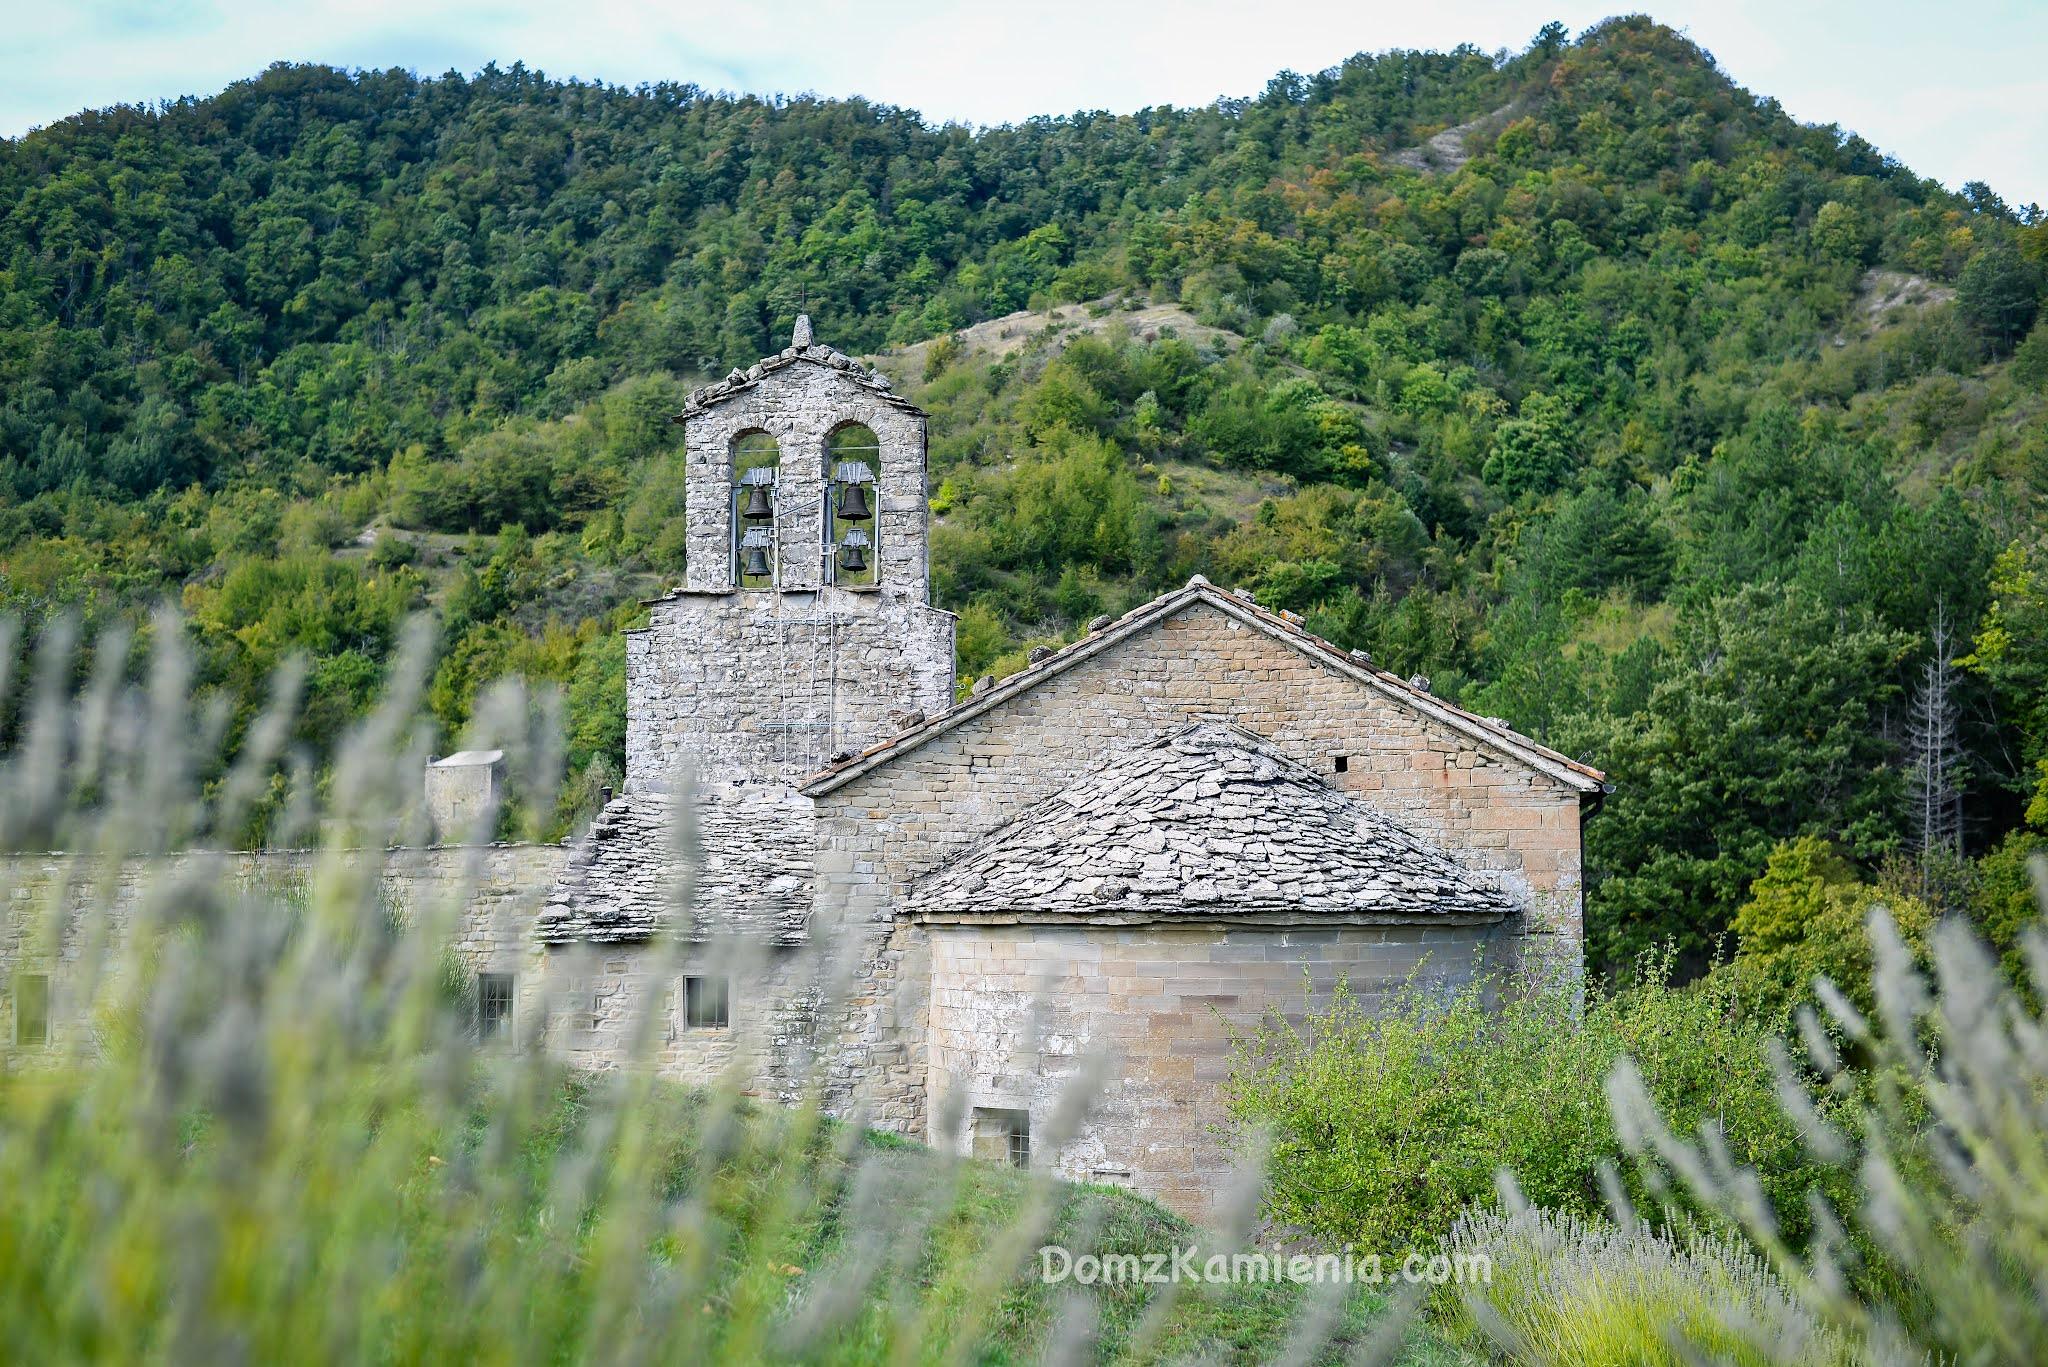 Warsztaty trekkingowo - kulinarne Marradi, Dom z Kamienia